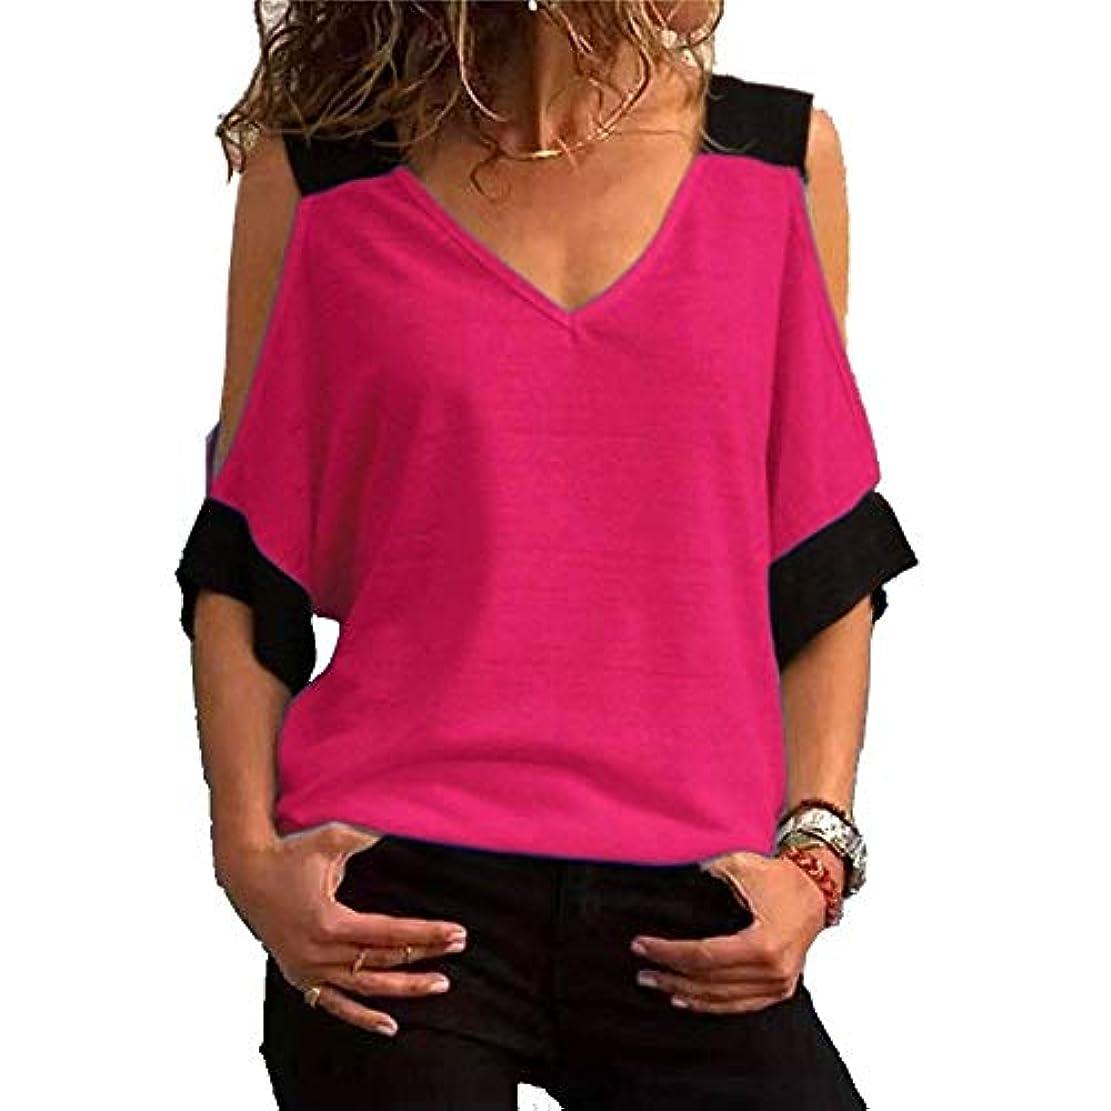 に向けて出発オートインストラクターMIFAN女性ファッションカジュアルトップス女性ショルダーブラウスコットンTシャツディープVネック半袖